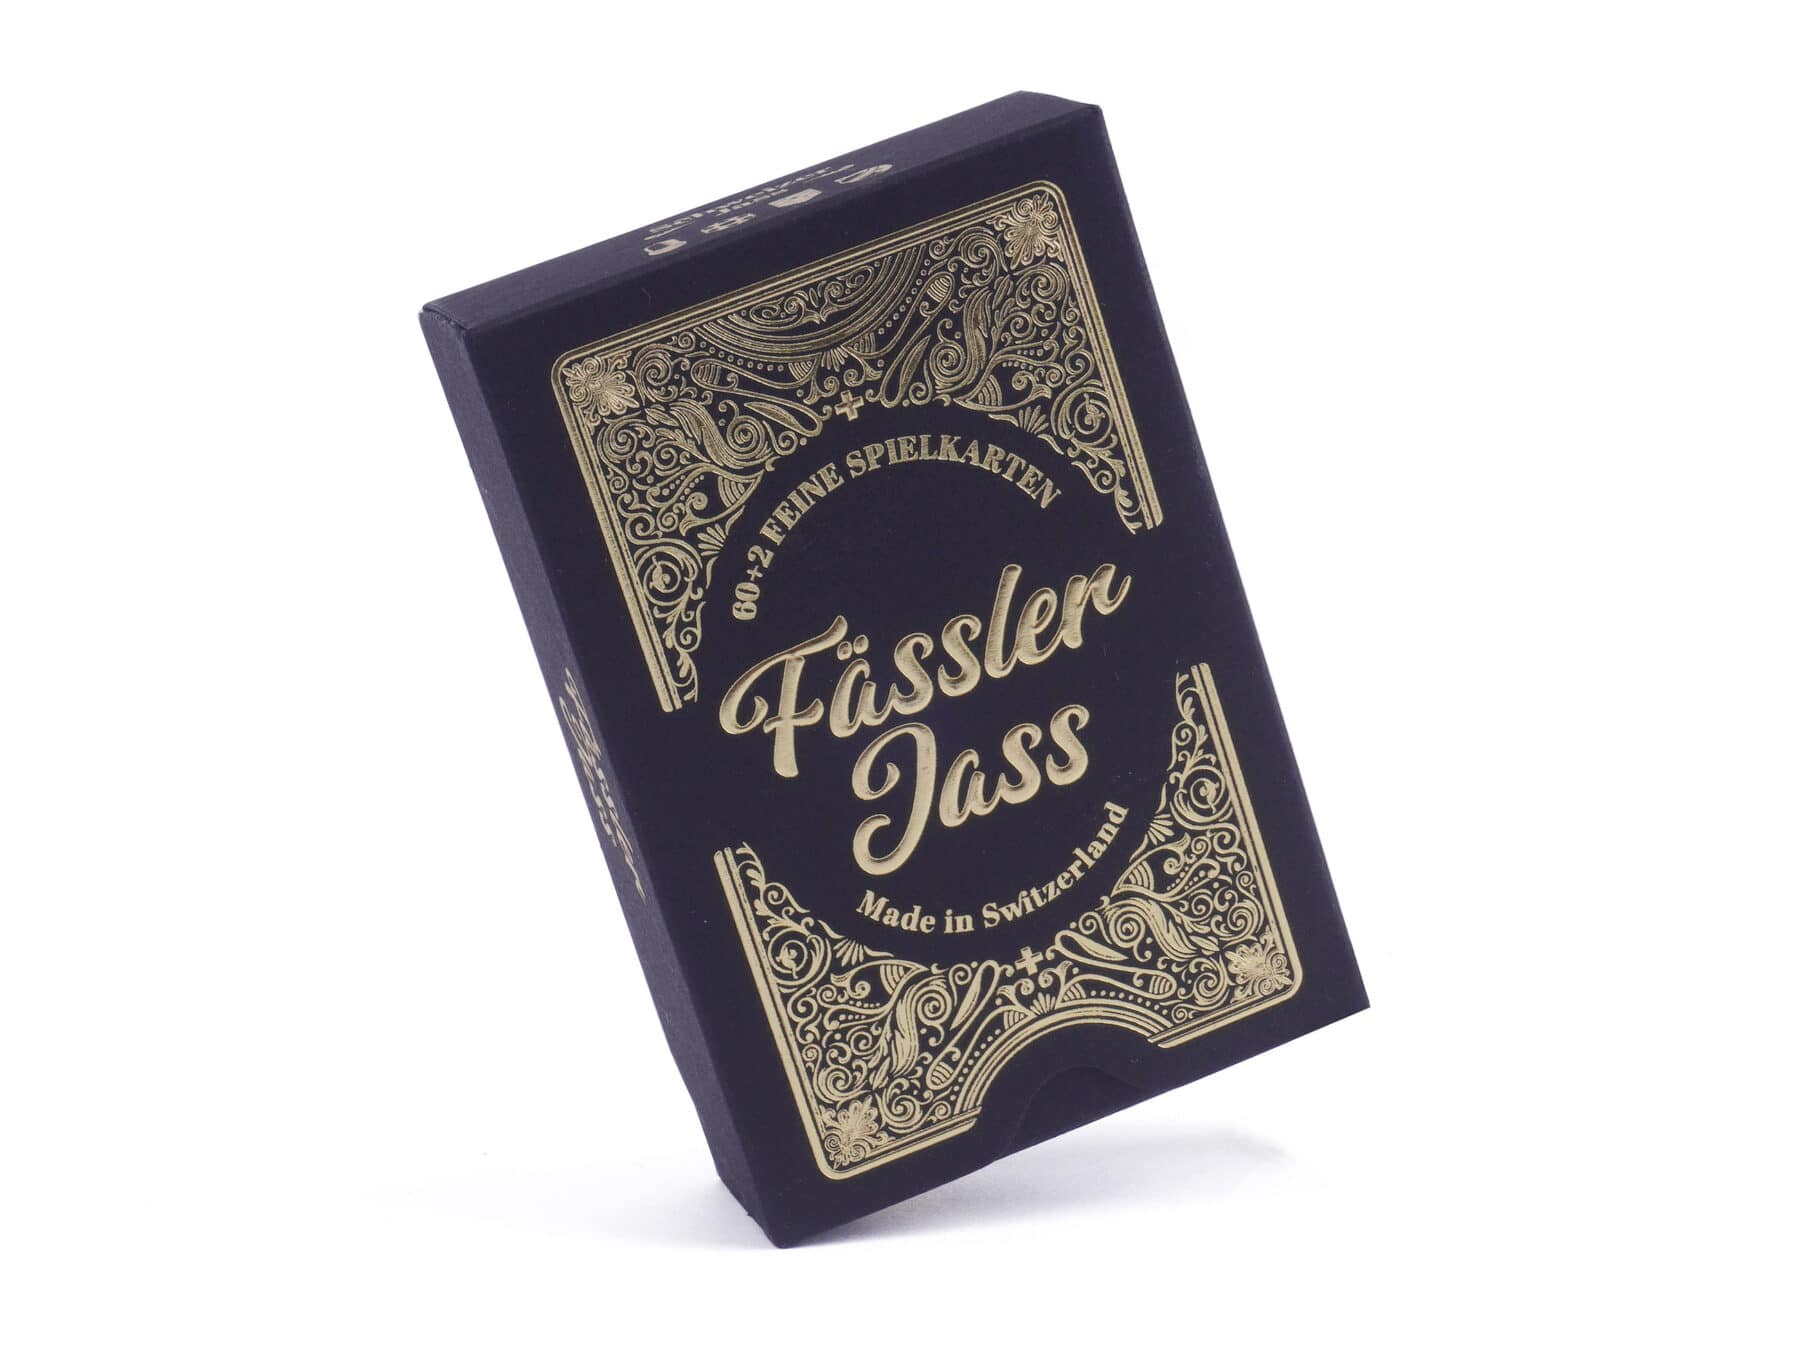 Faessler Jass Deluxe Gold swiss made